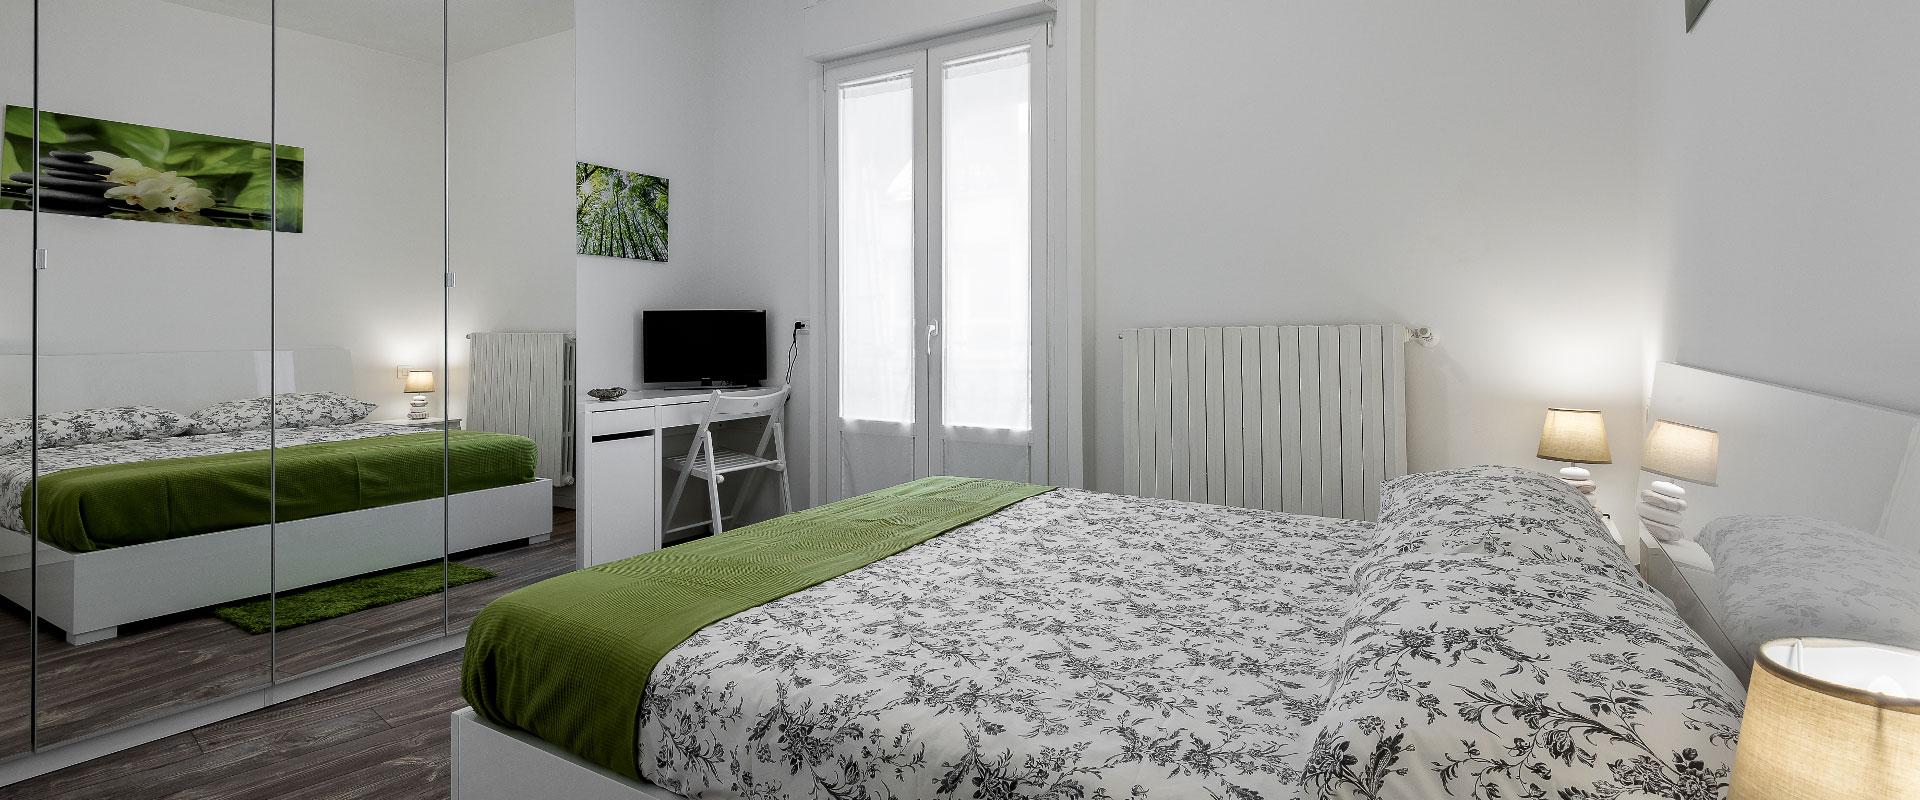 Milan apartments affitti brevi a milano appartamenti for Affitti milano monolocali arredati